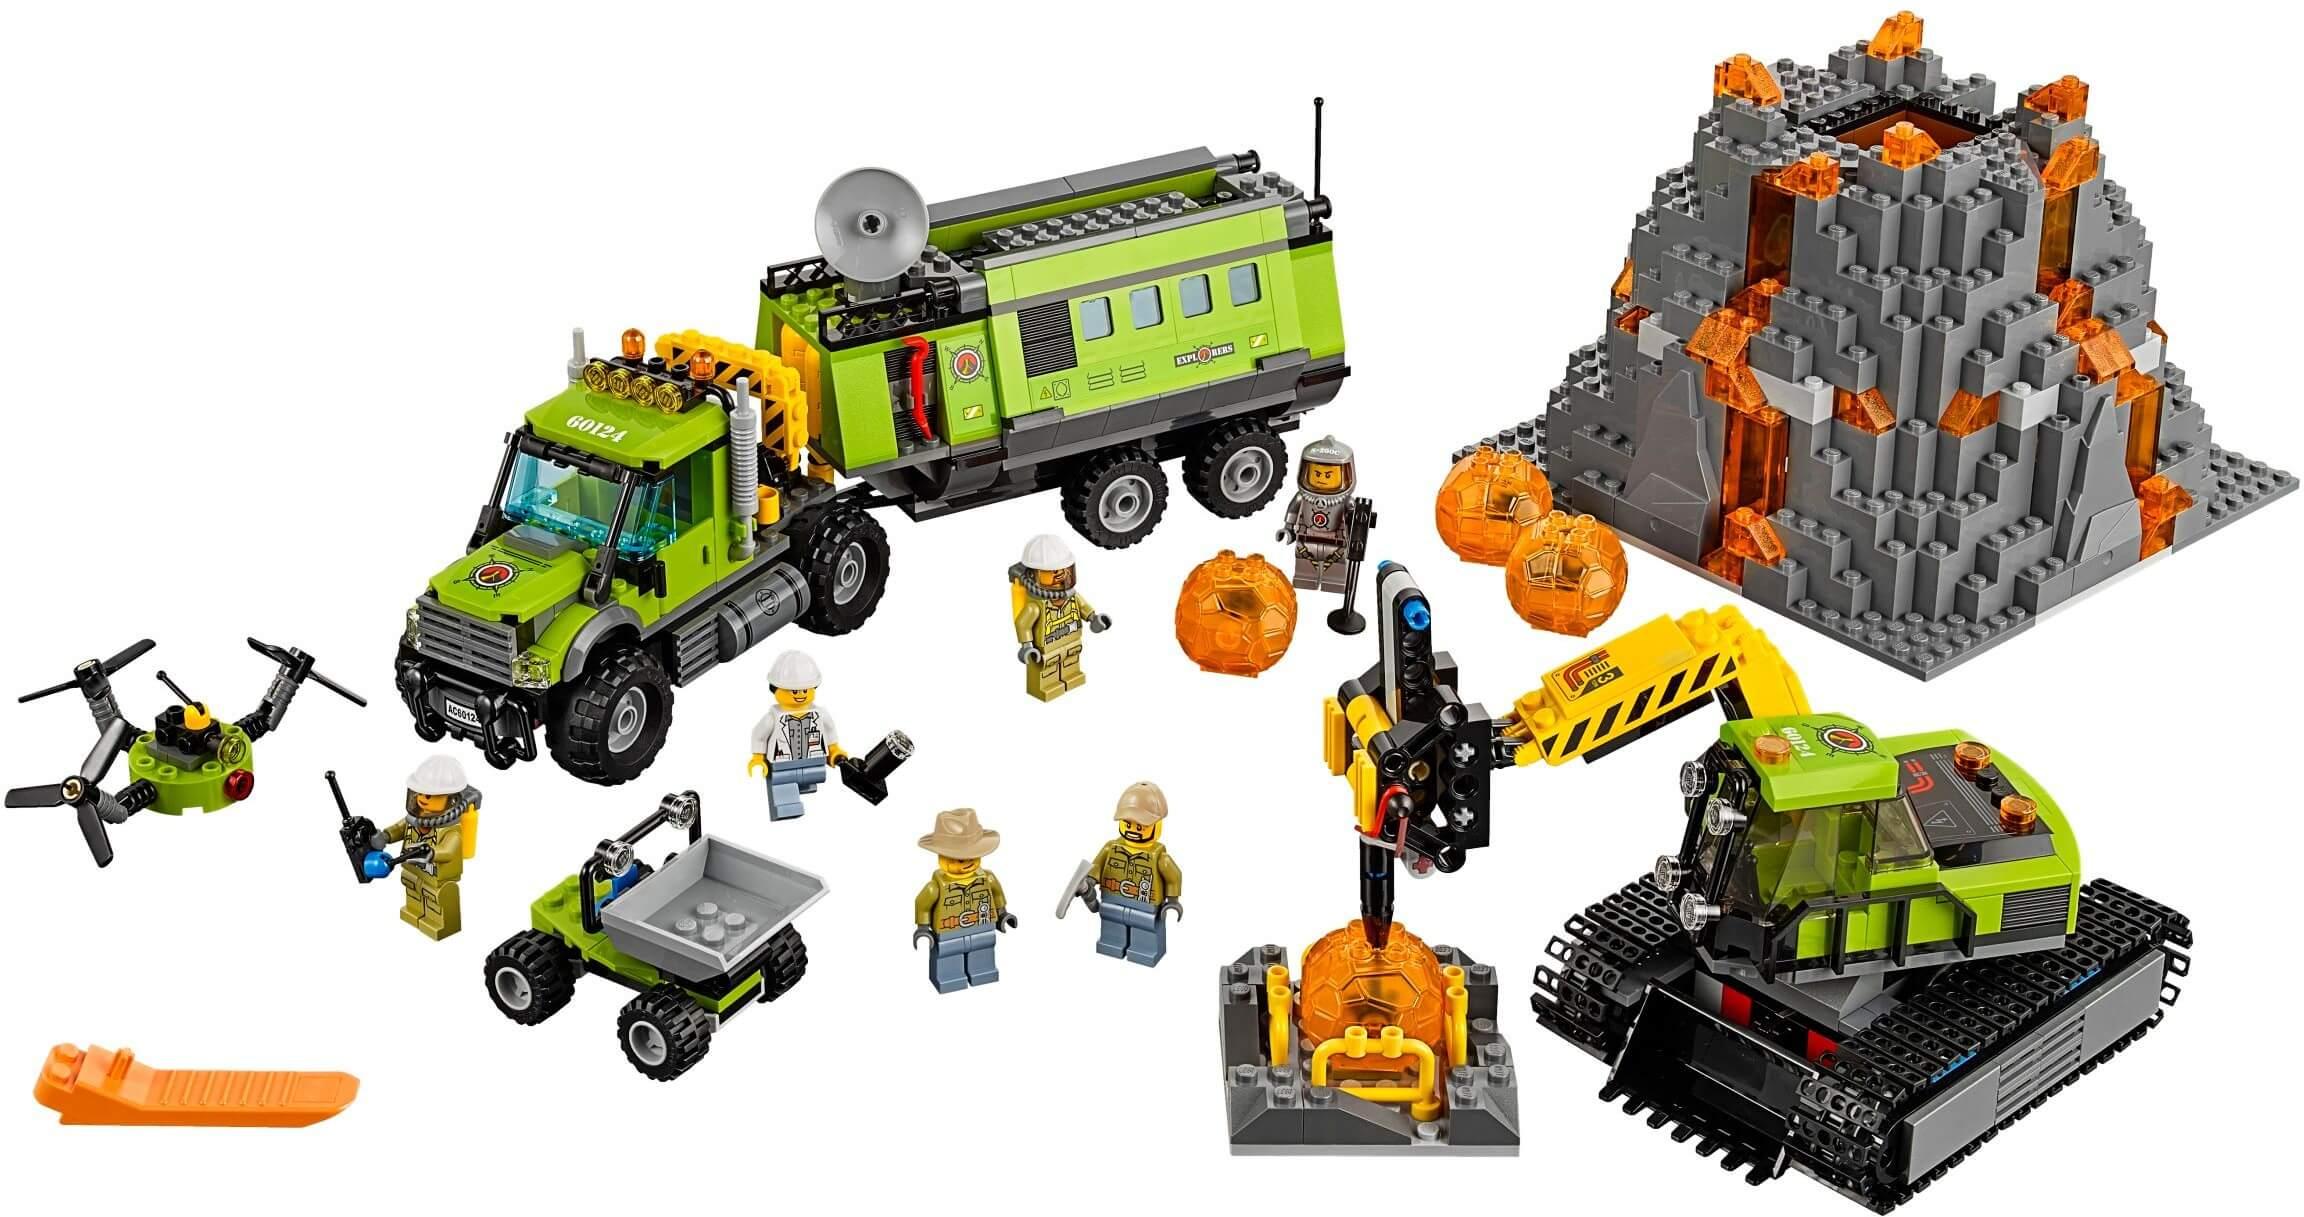 Mua đồ chơi LEGO 60124 - LEGO City 60124 - Trạm Nghiên Cứu Núi Lửa (LEGO City Volcano Exploration Base 60124)